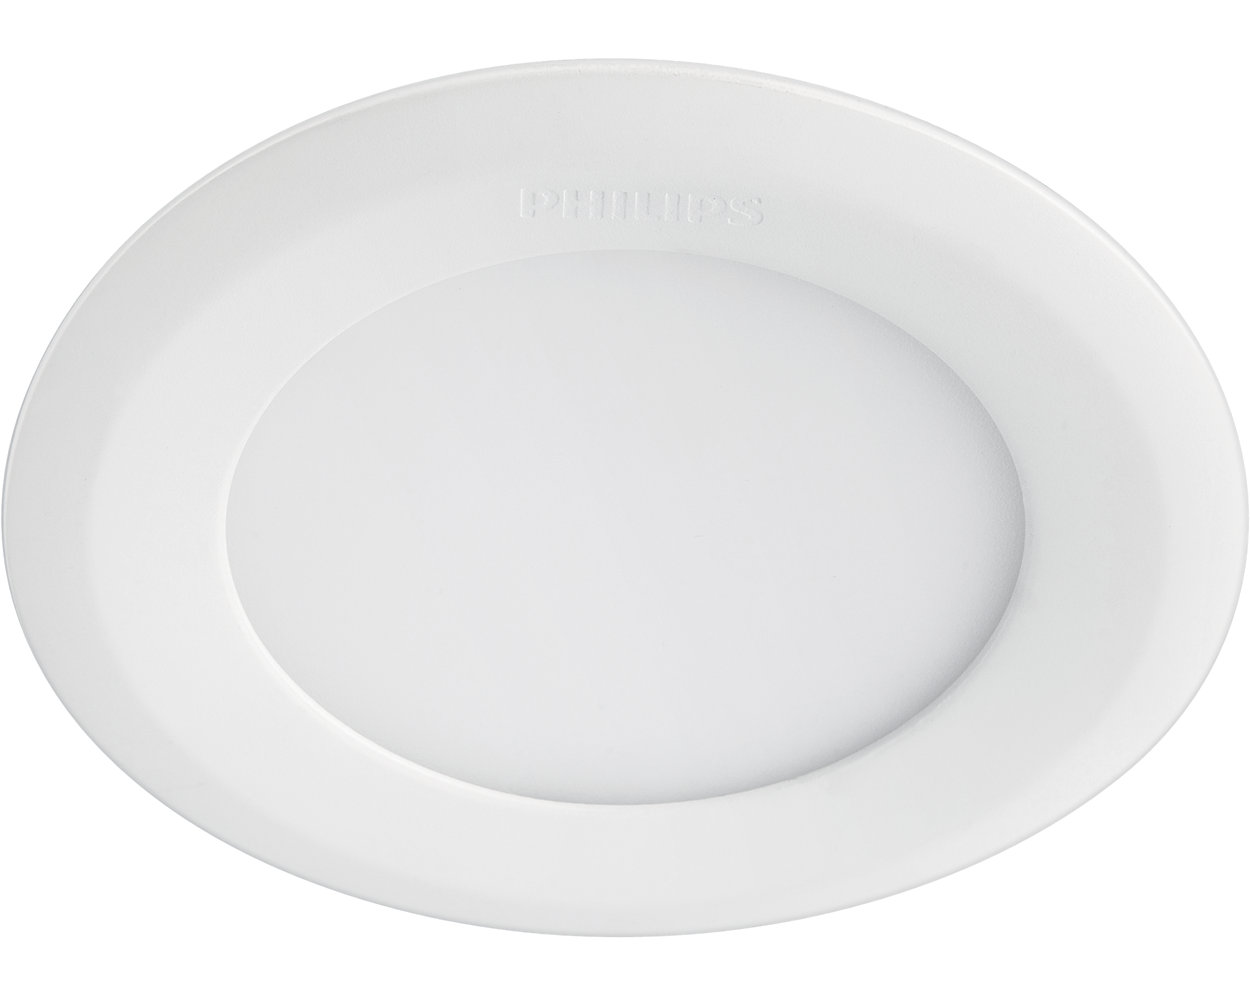 Podstawowy produkt do oświetlenia domu